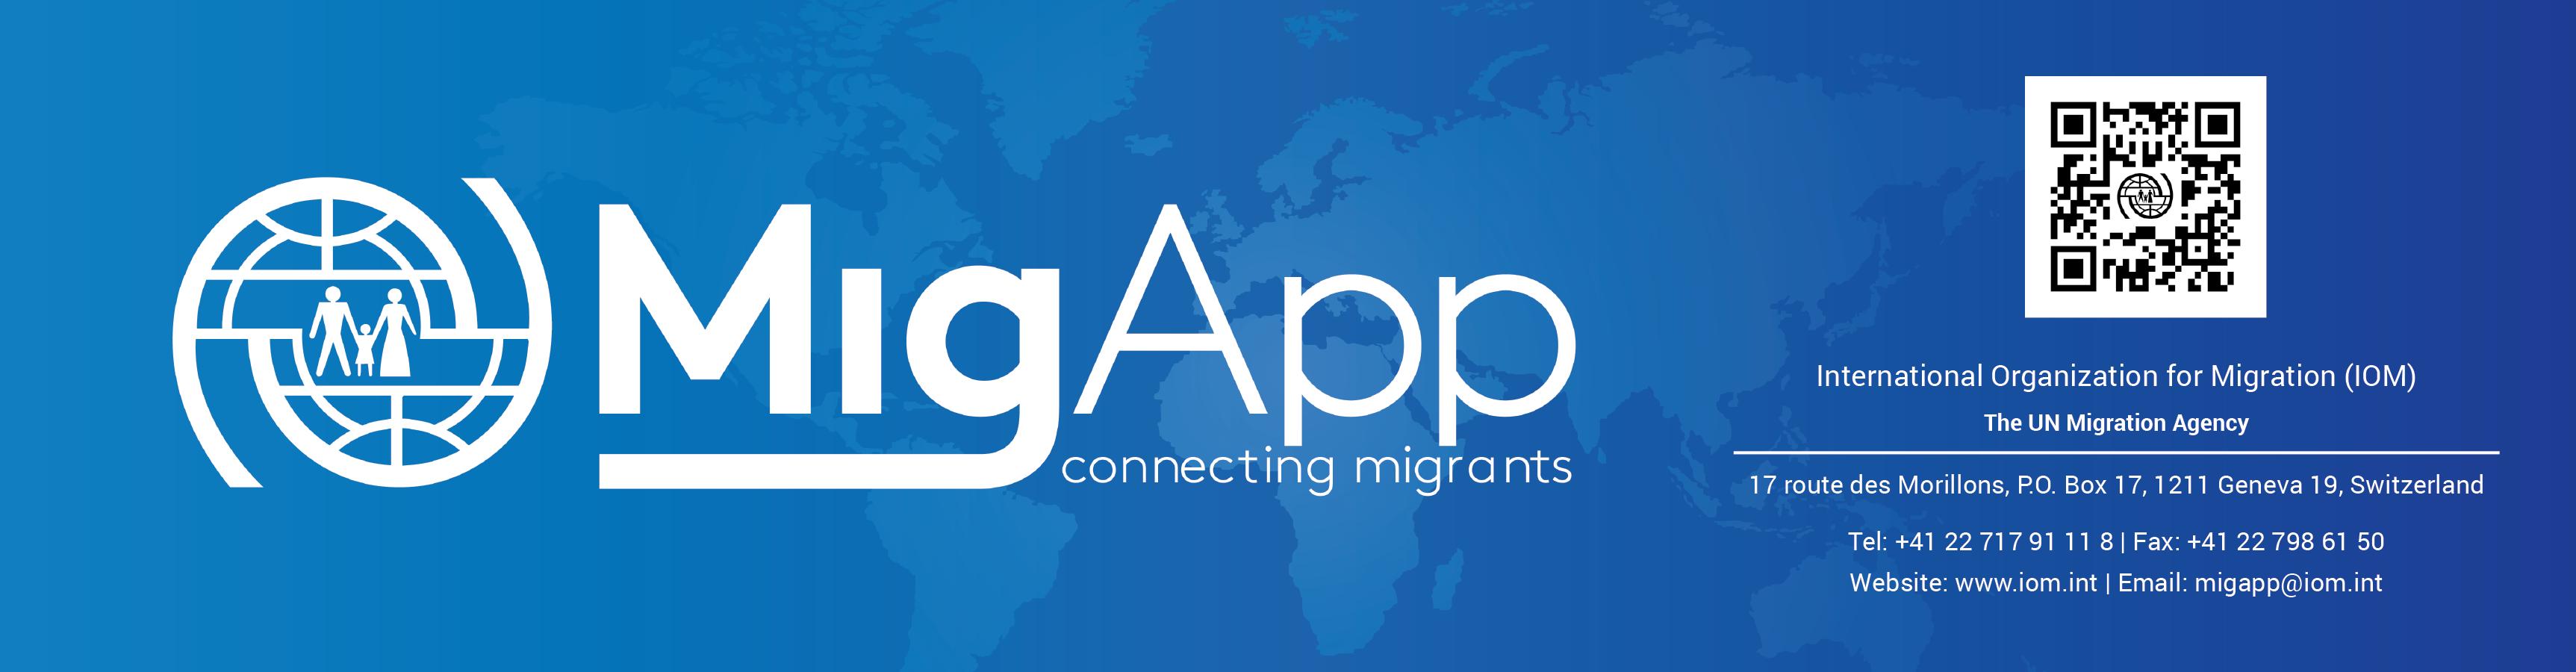 Migapp International Organization For Migration